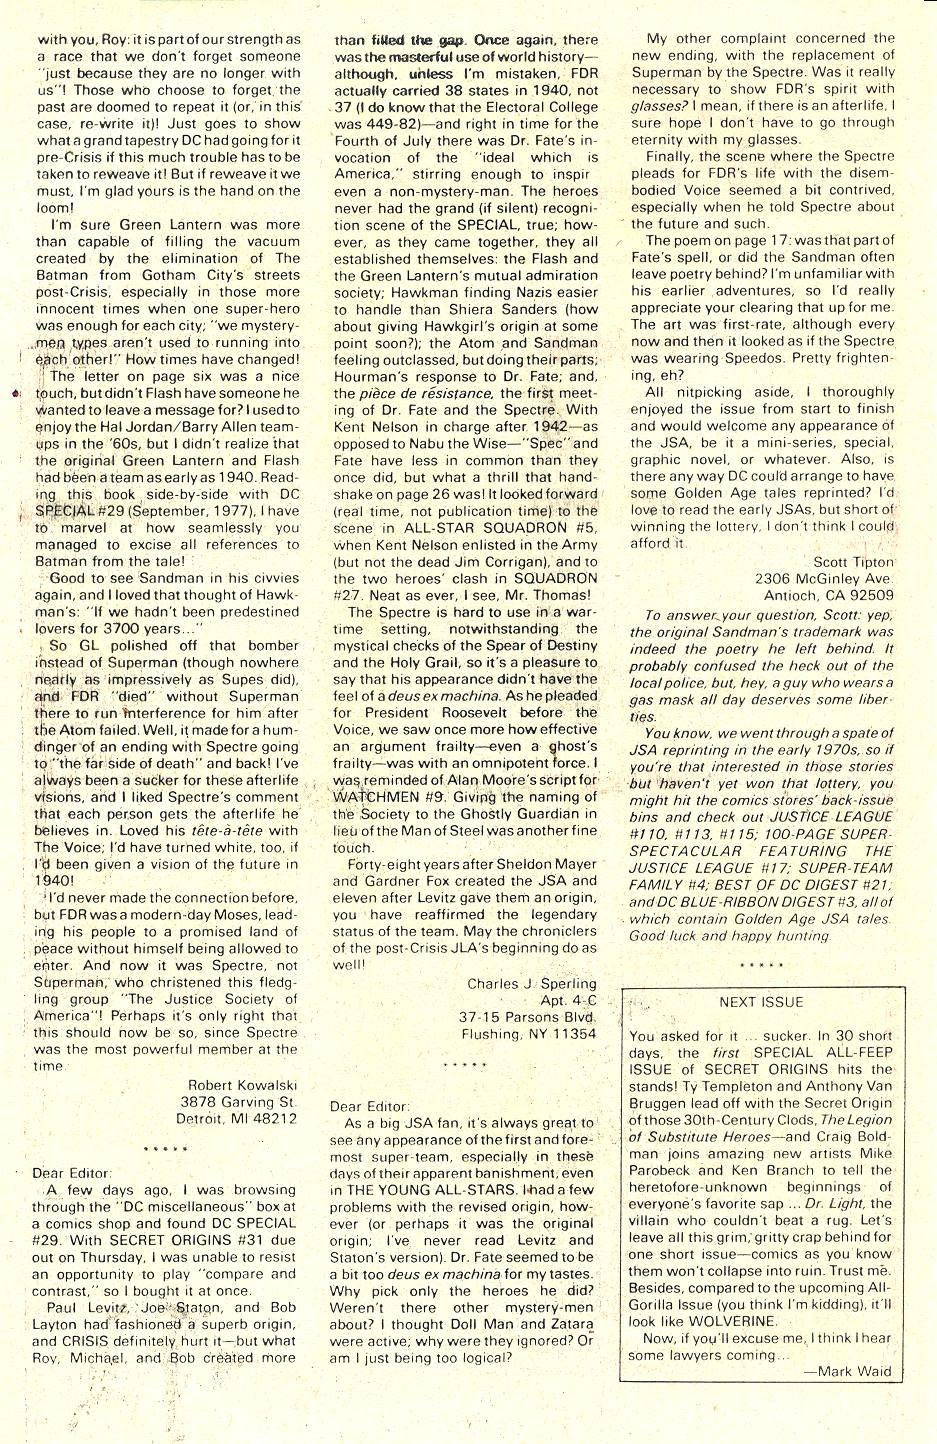 Read online Secret Origins (1986) comic -  Issue #36 - 42